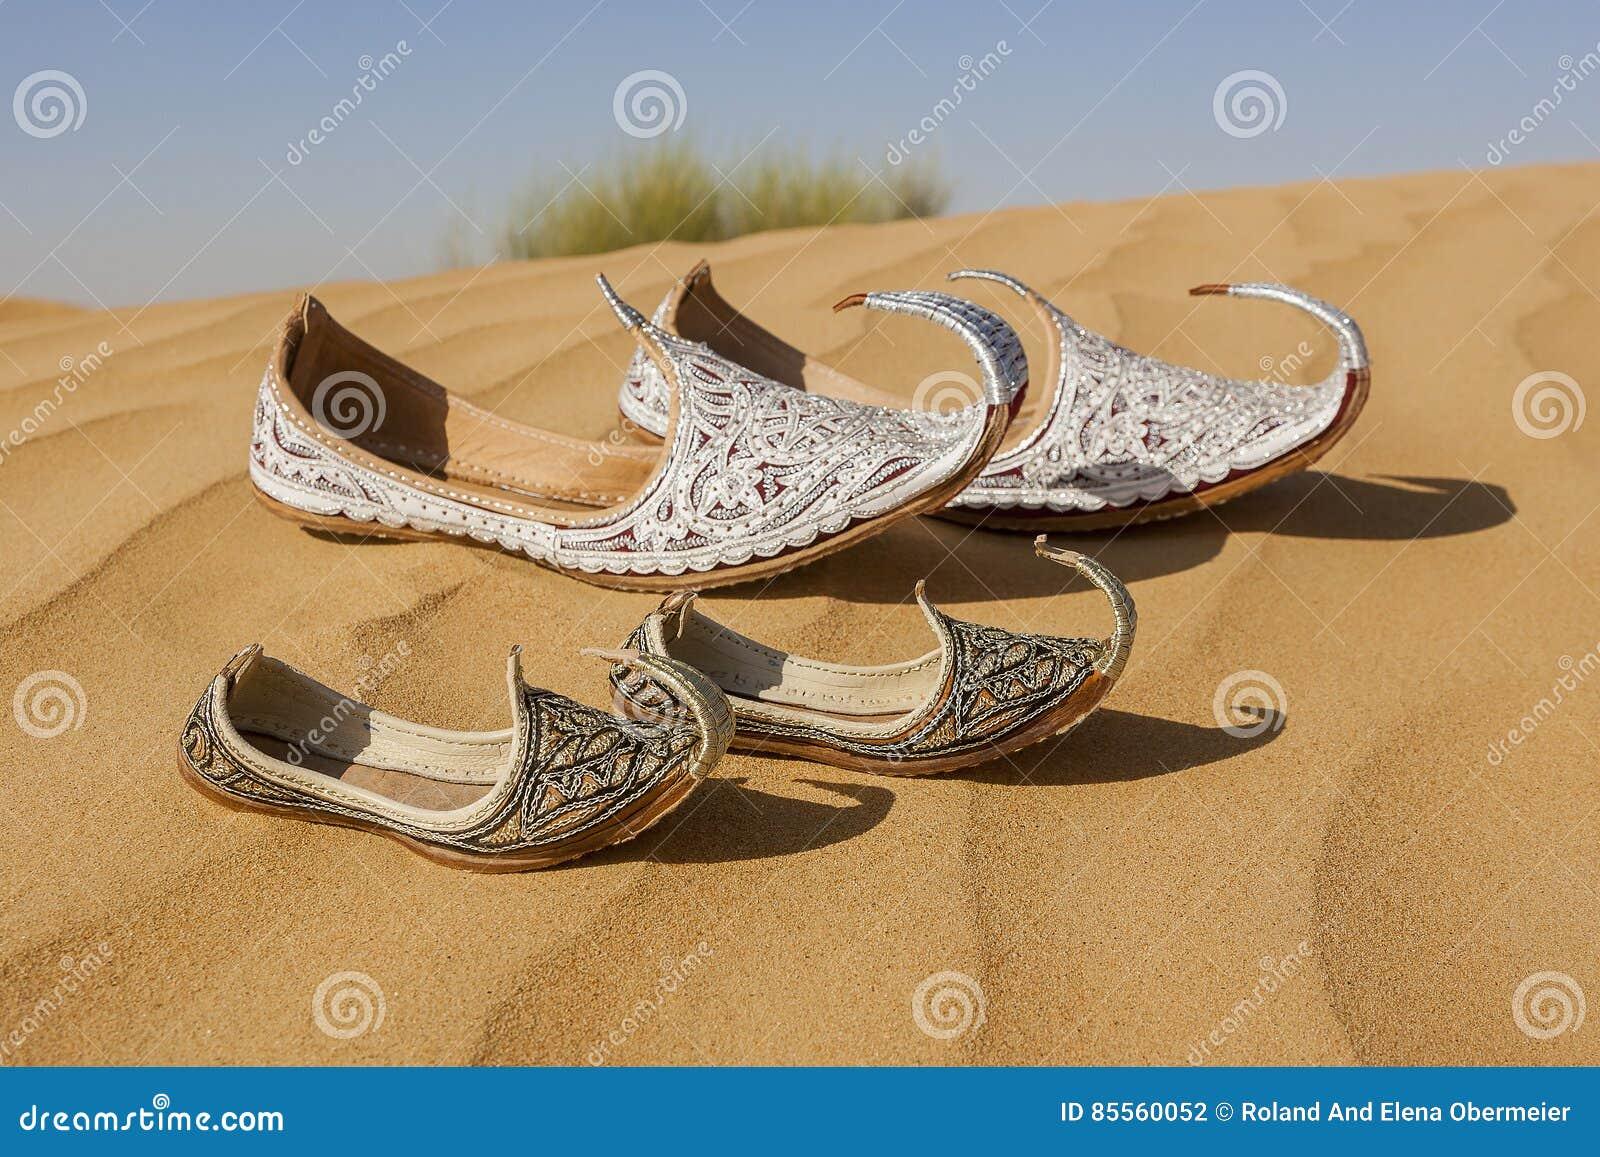 Verlorene Schuhe Aladins und Sindbads